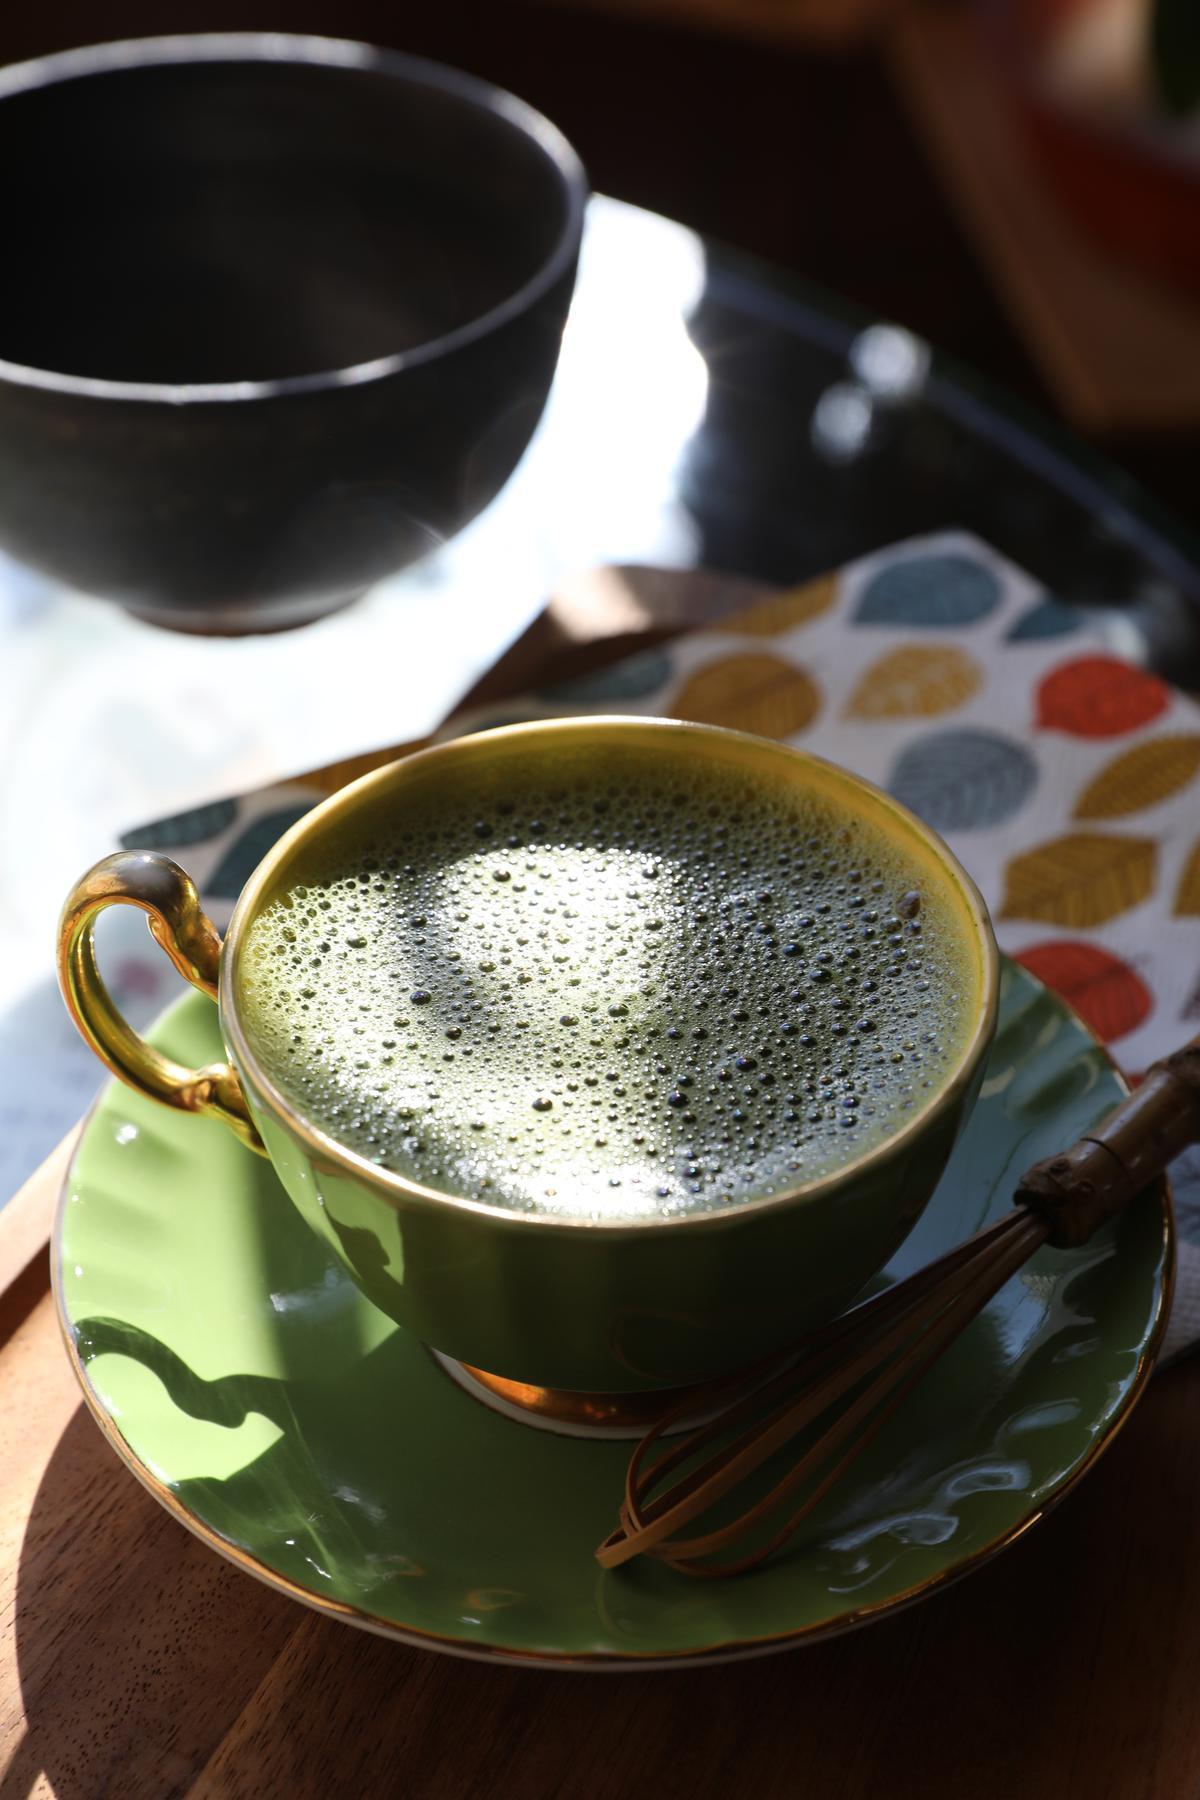 老闆自創的「抹茶咖啡」,是店內前三大受歡迎熱飲。(500日圓/杯,約NT$141)